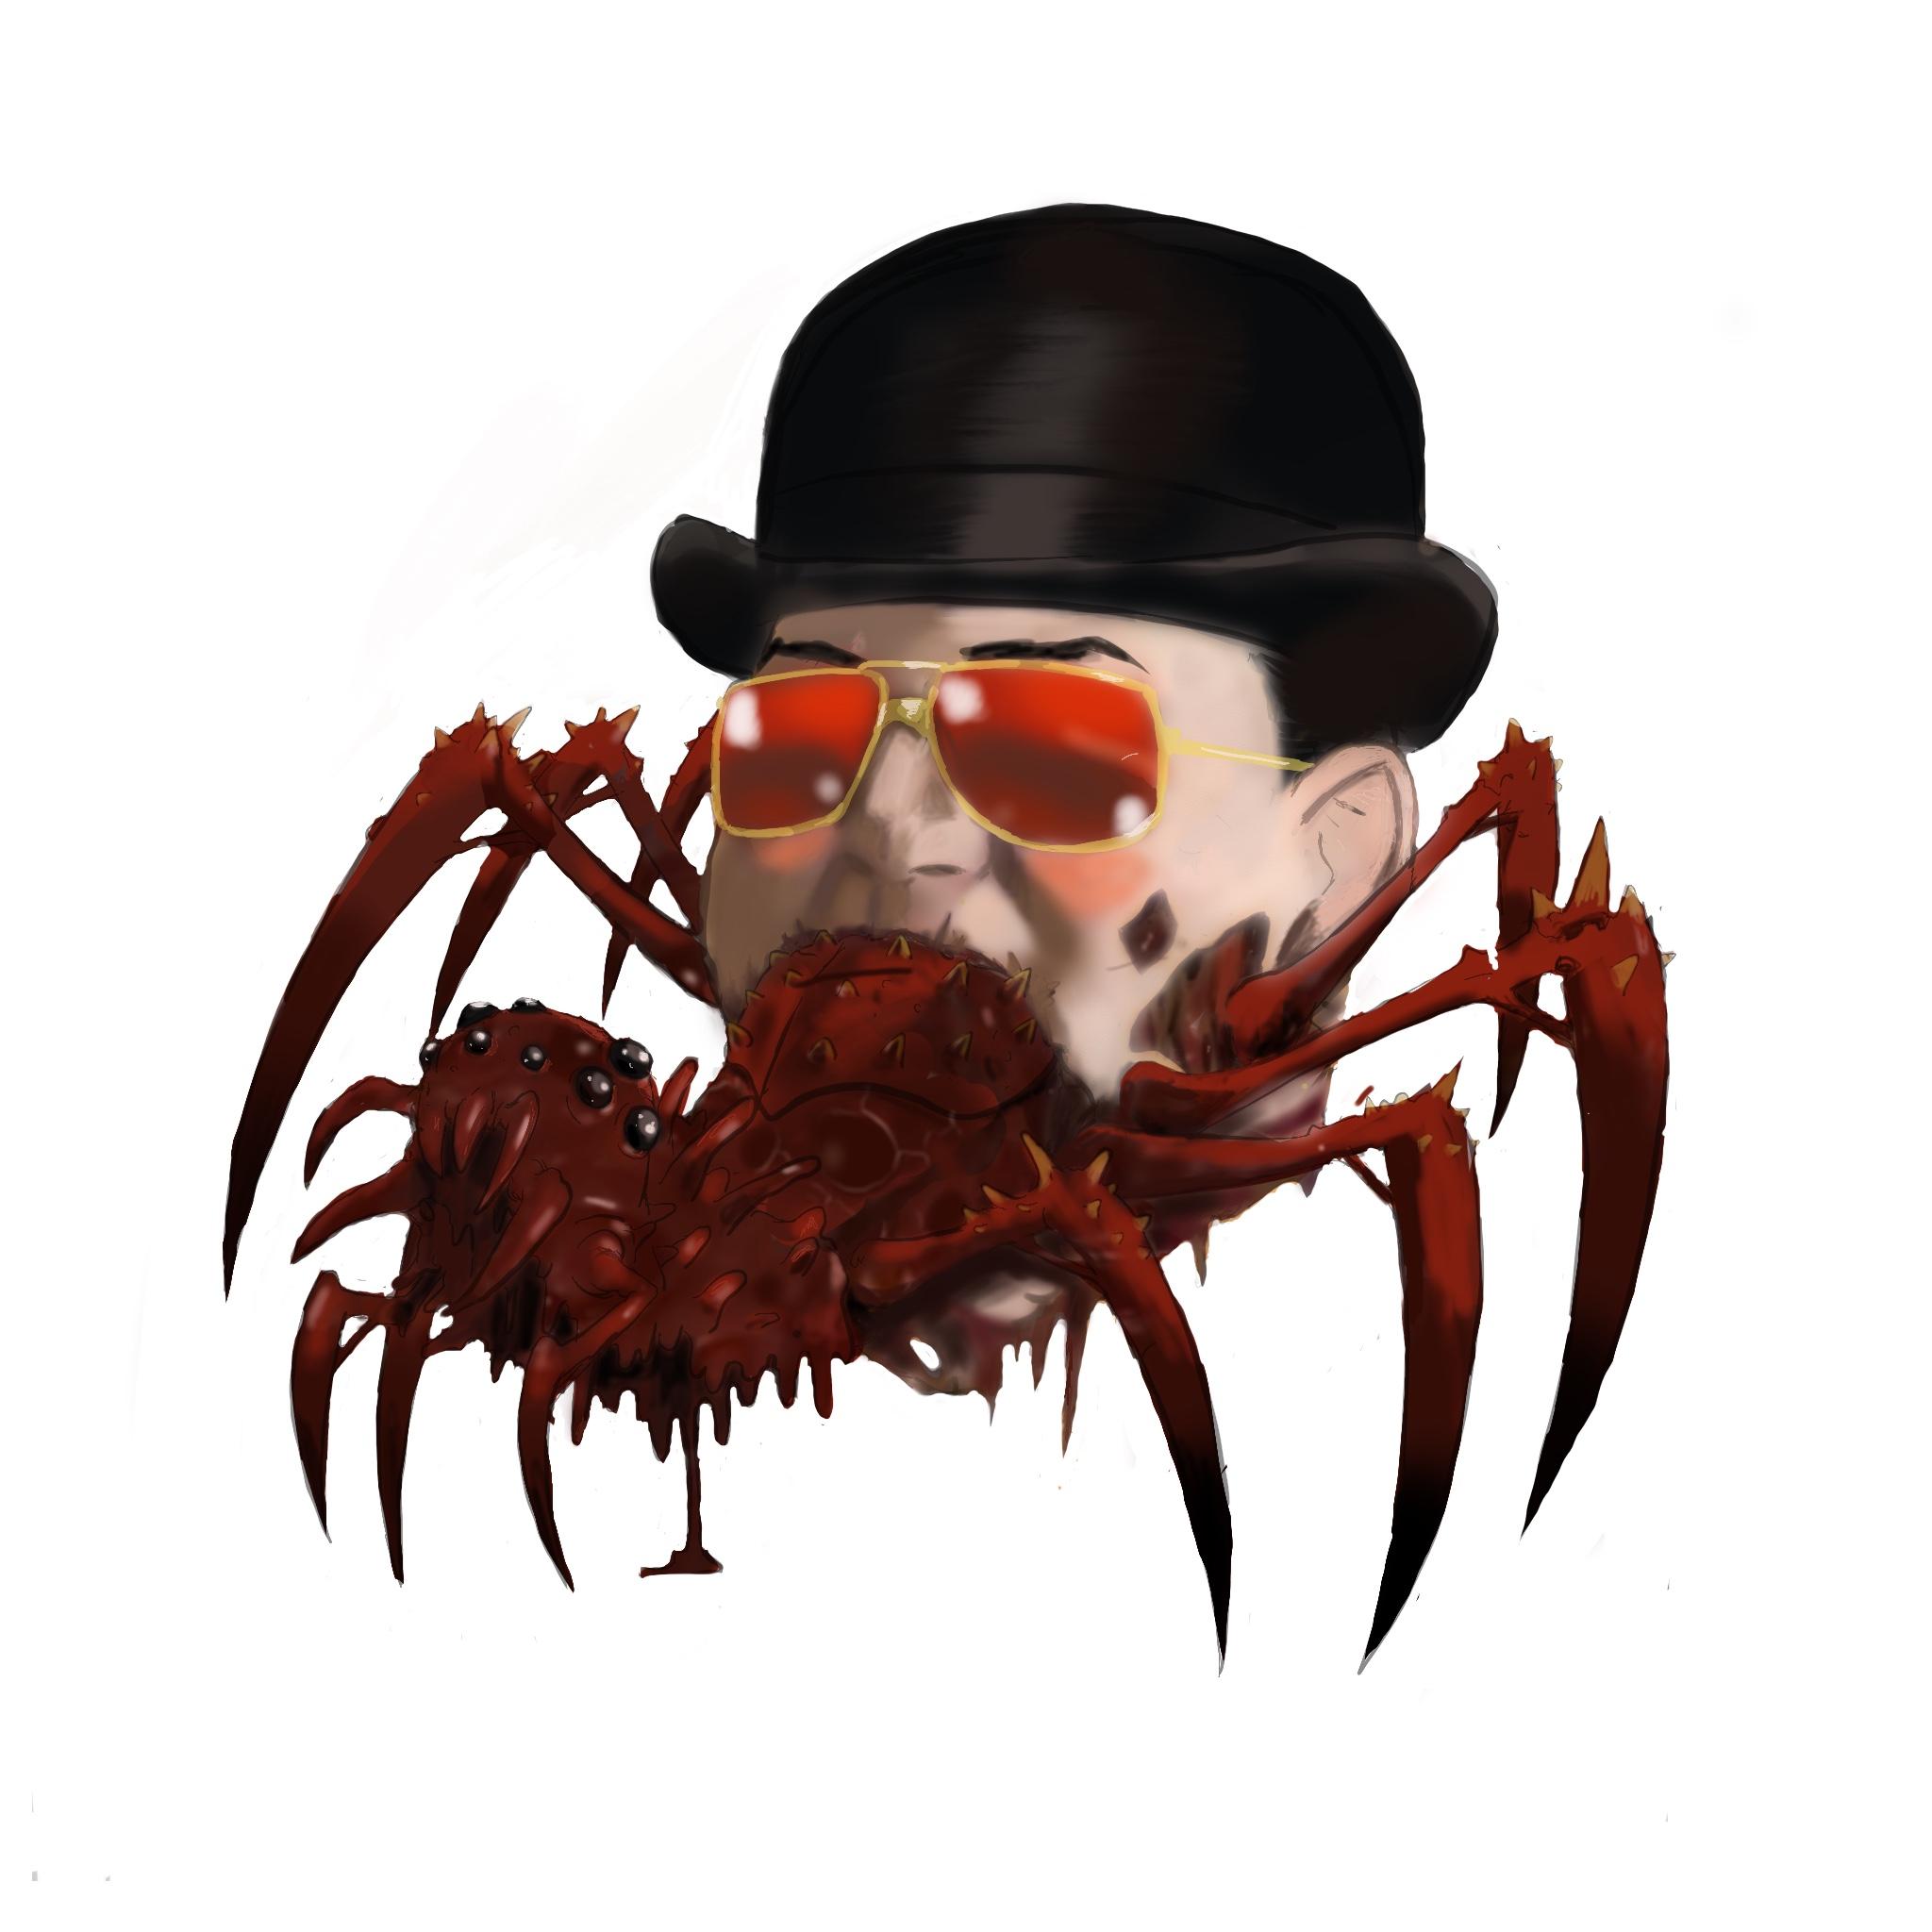 Horrid Spider